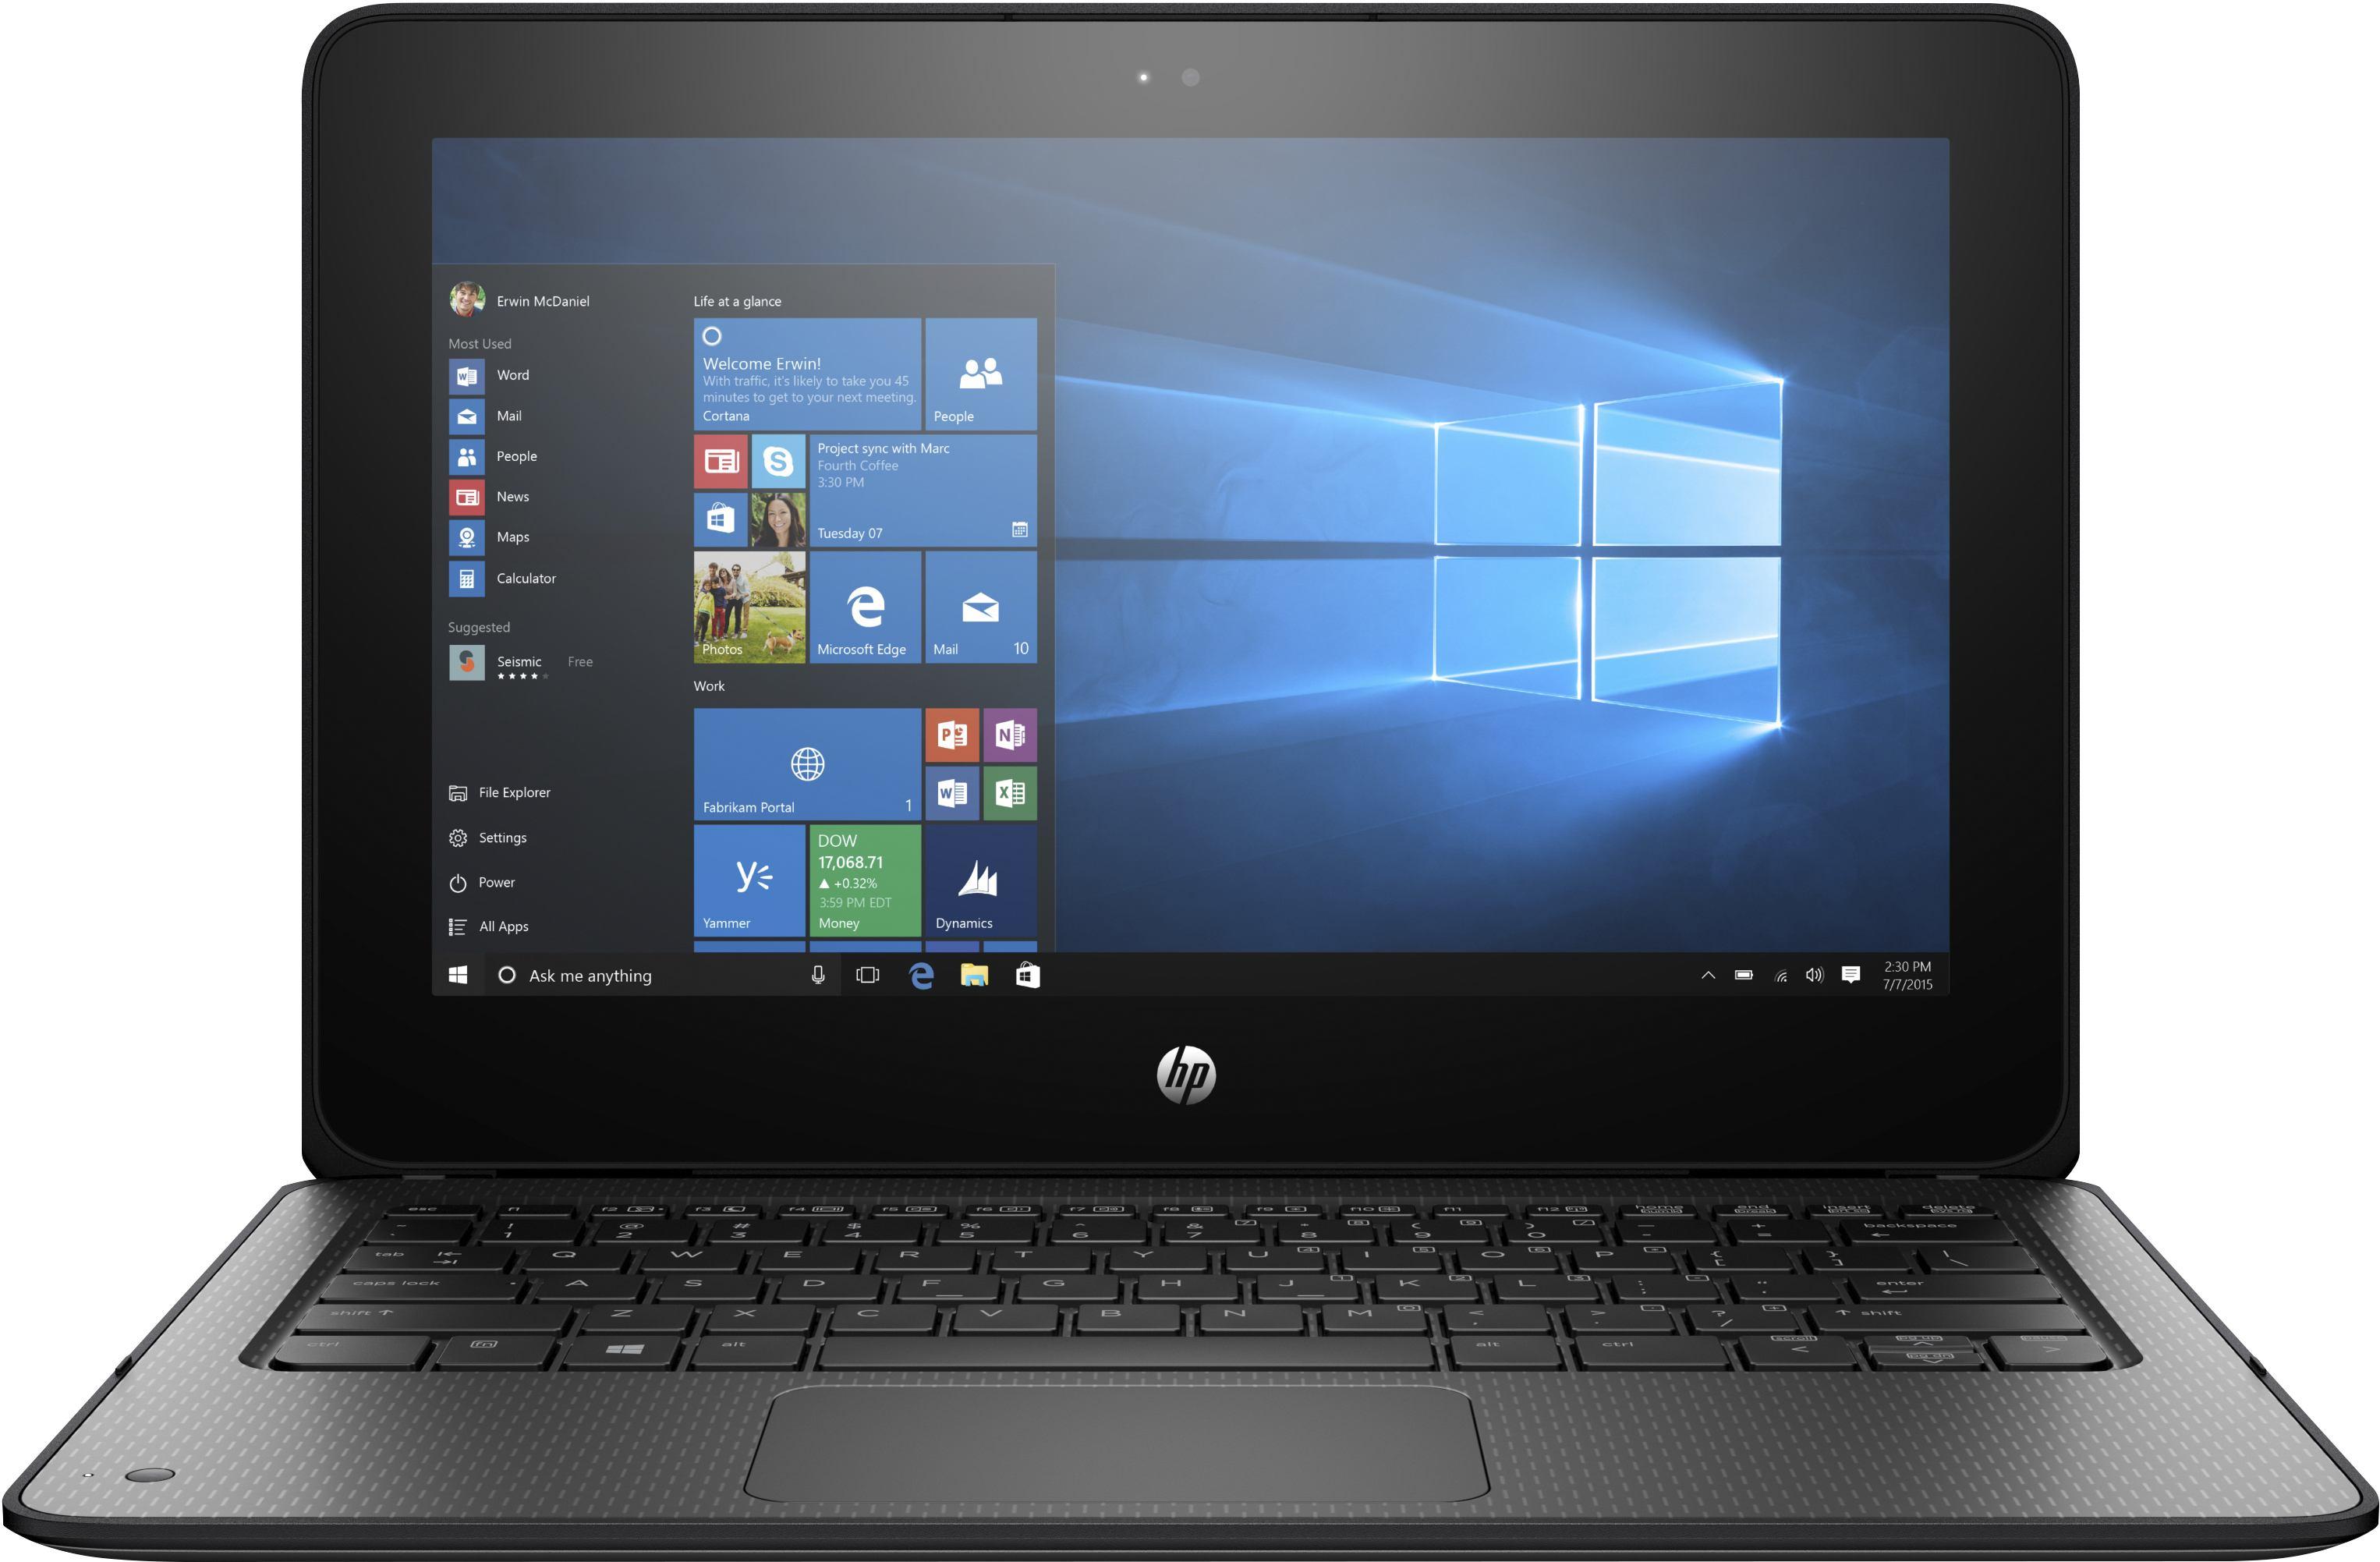 2022274-HP-ProBook-x360-11-G1-EE-Nero-Ibrido-2-in-1-29-5-cm-11-6-1366-x-768